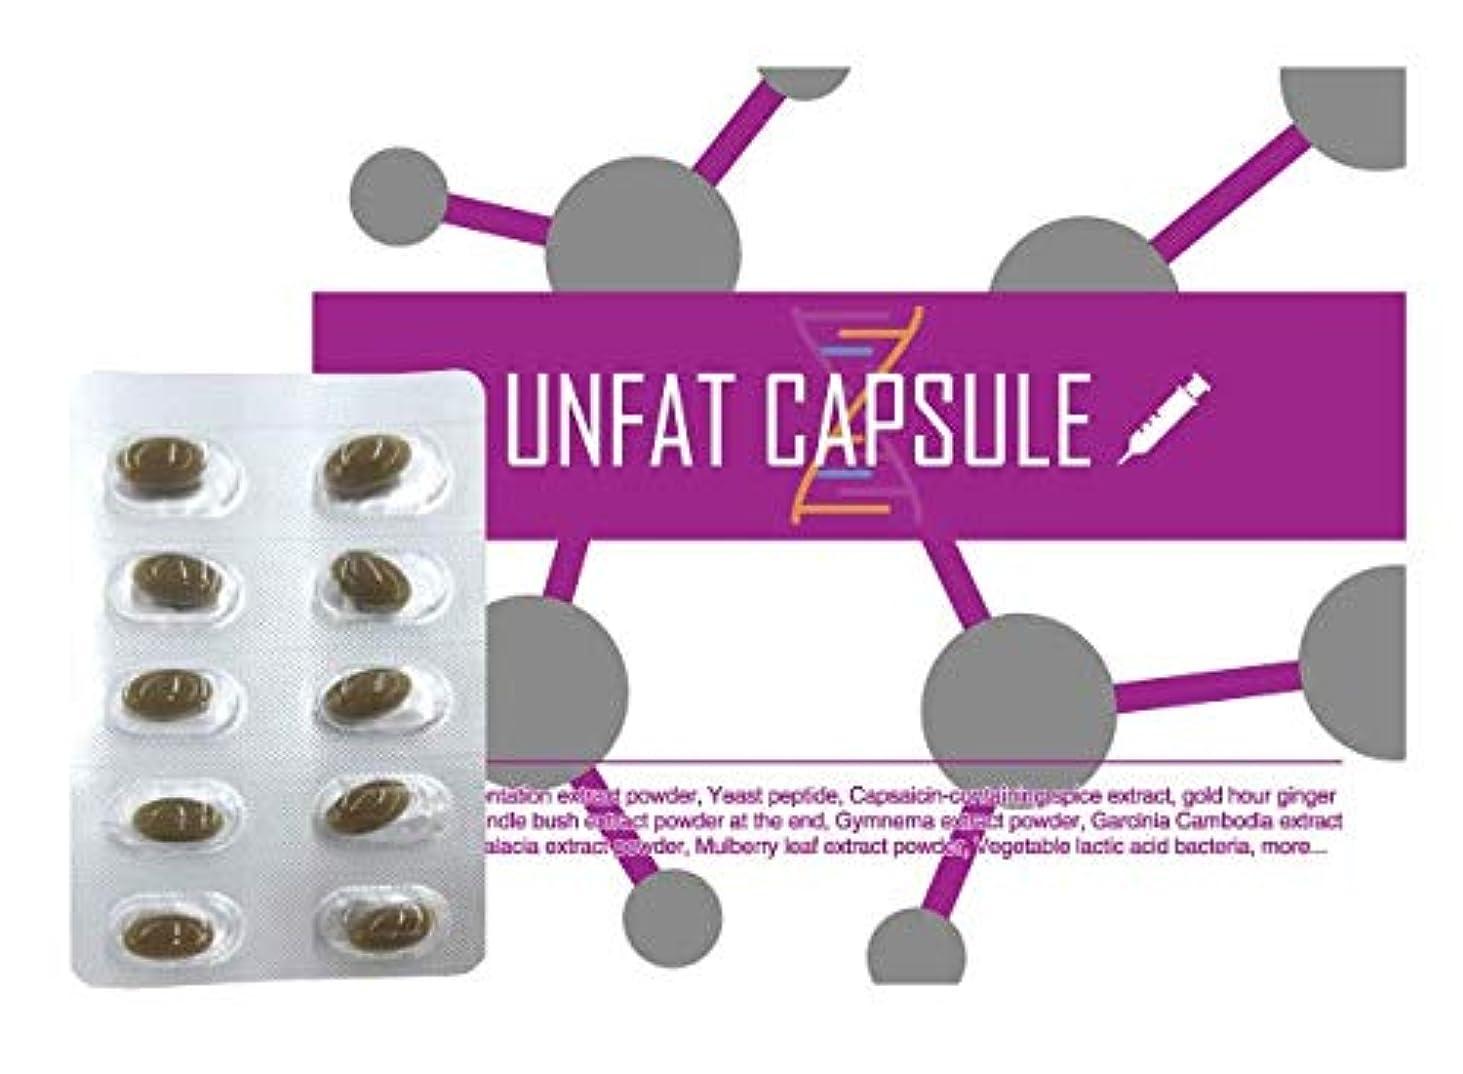 魔術師祭りバックアンファットカプセル (1) / サプリメント ビタミンC アルギニン 栄養補助食品